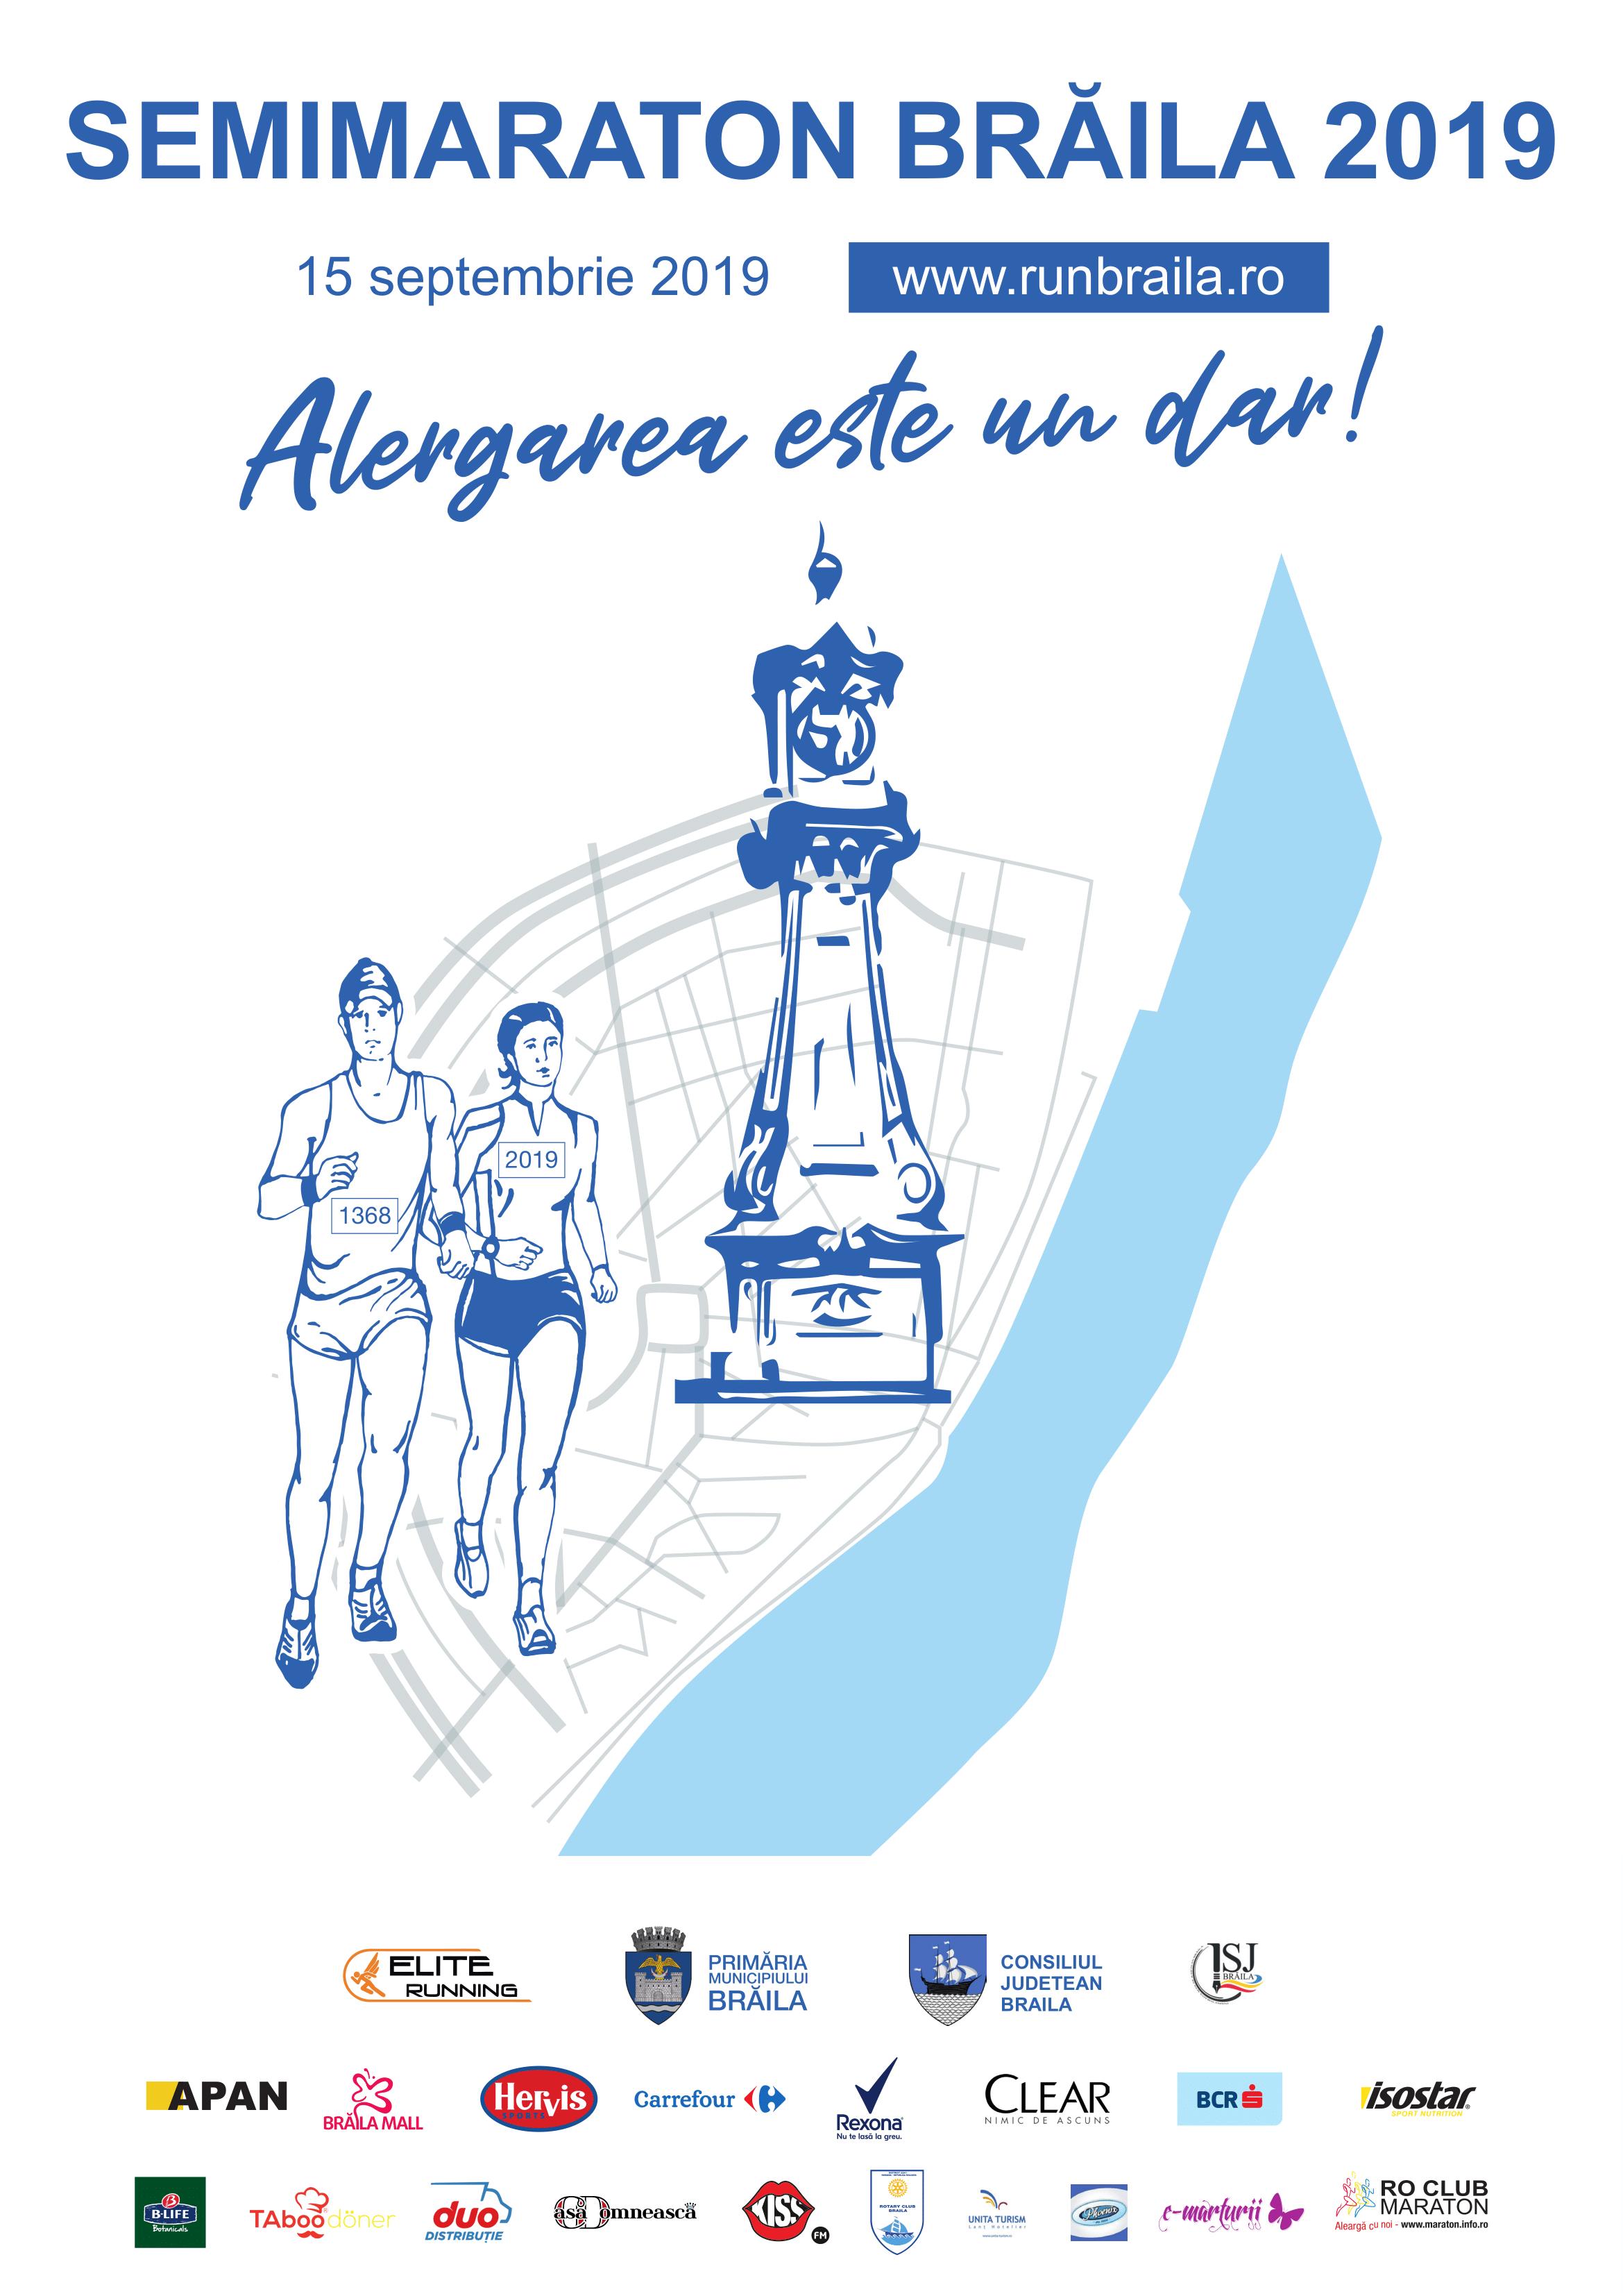 Prima ediție a semimaratonului caritabil de la Brăila